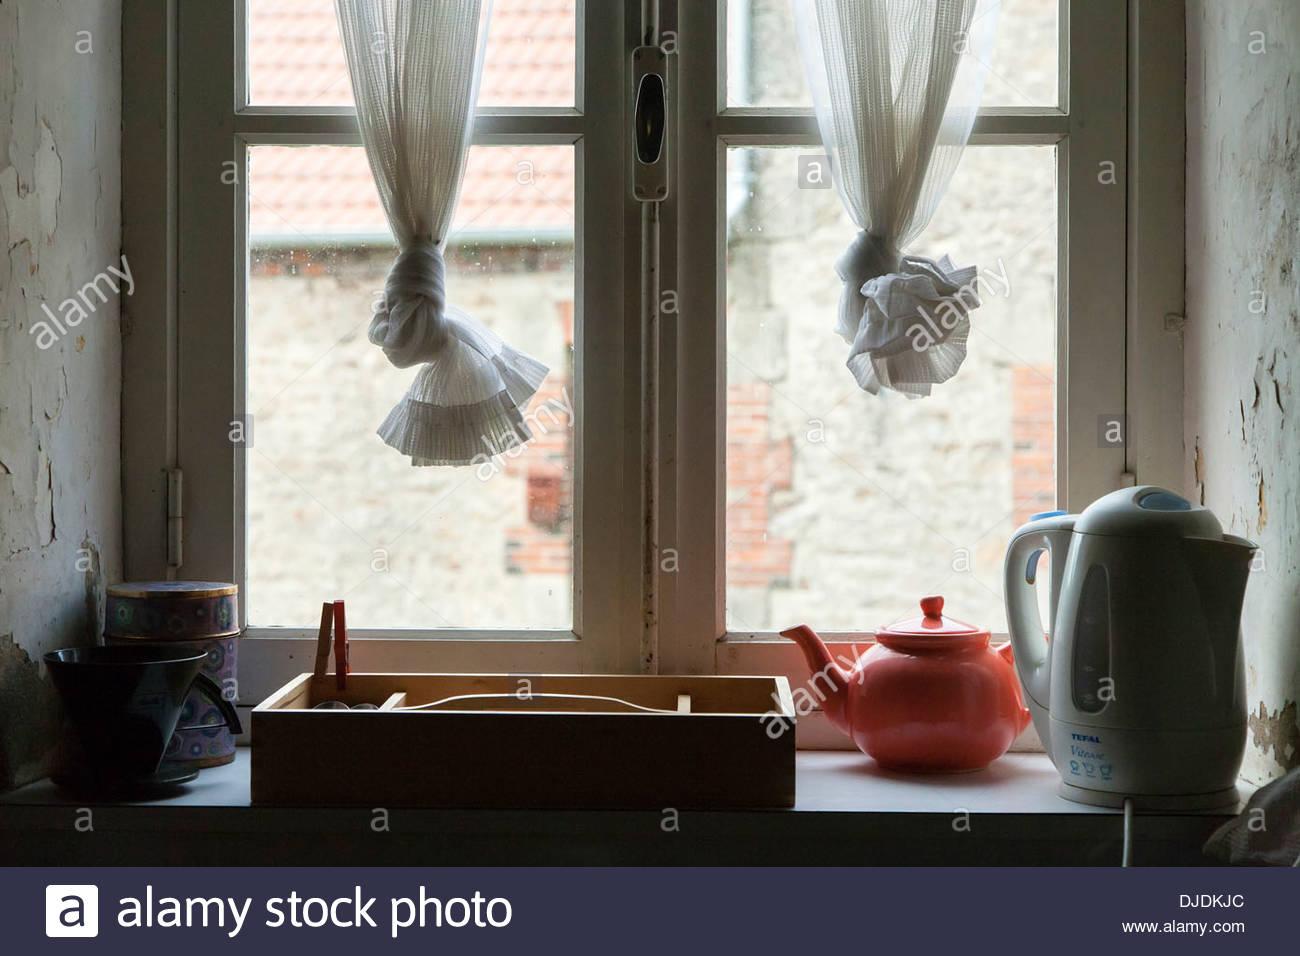 Wasserkocher Und Teekanne In Kuche Fenster Fensterbank Sitzen